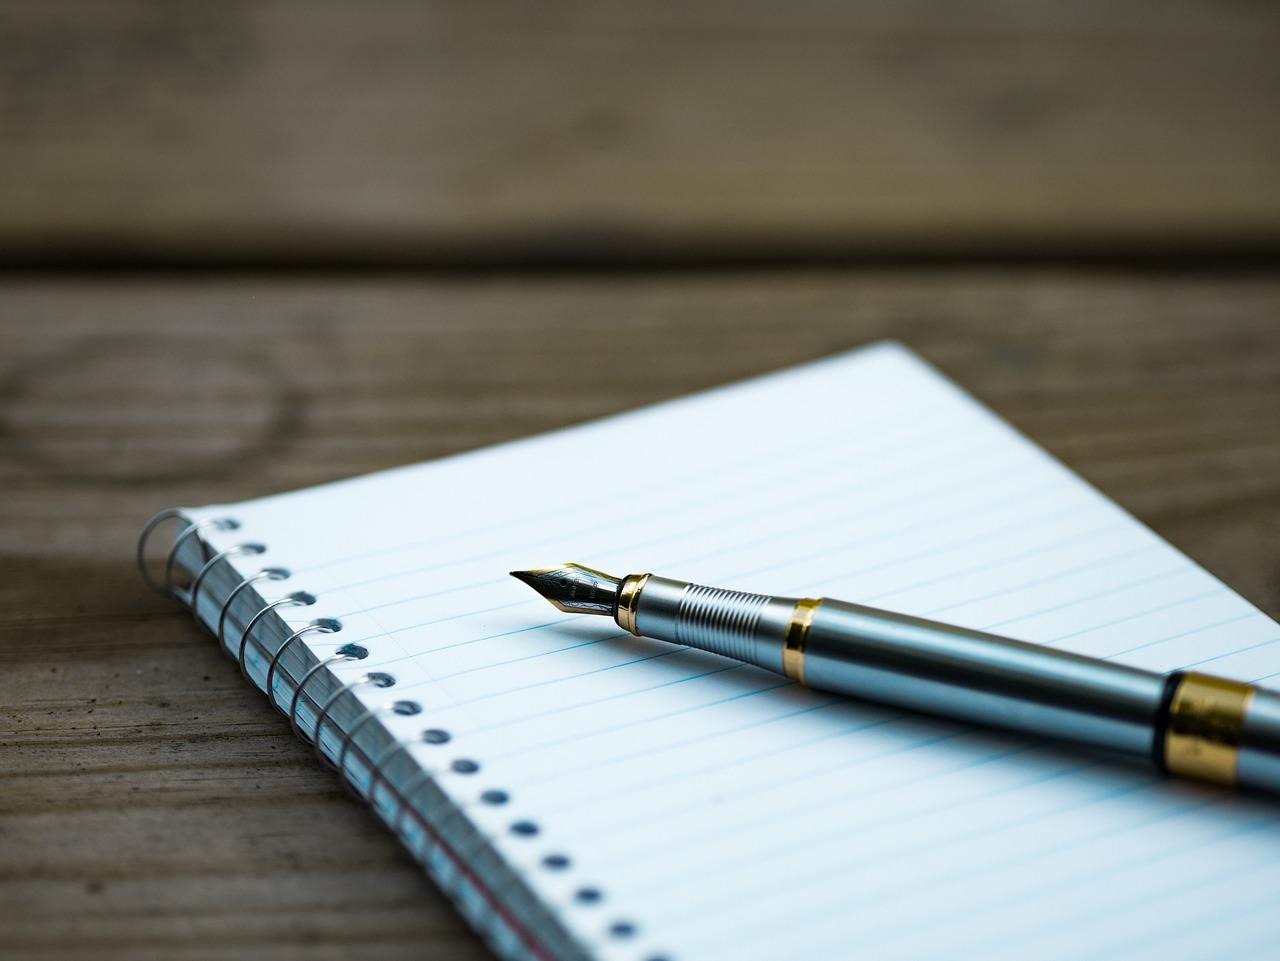 エントリーシートに免許は書くべき?正しい資格の書き方を徹底解説!